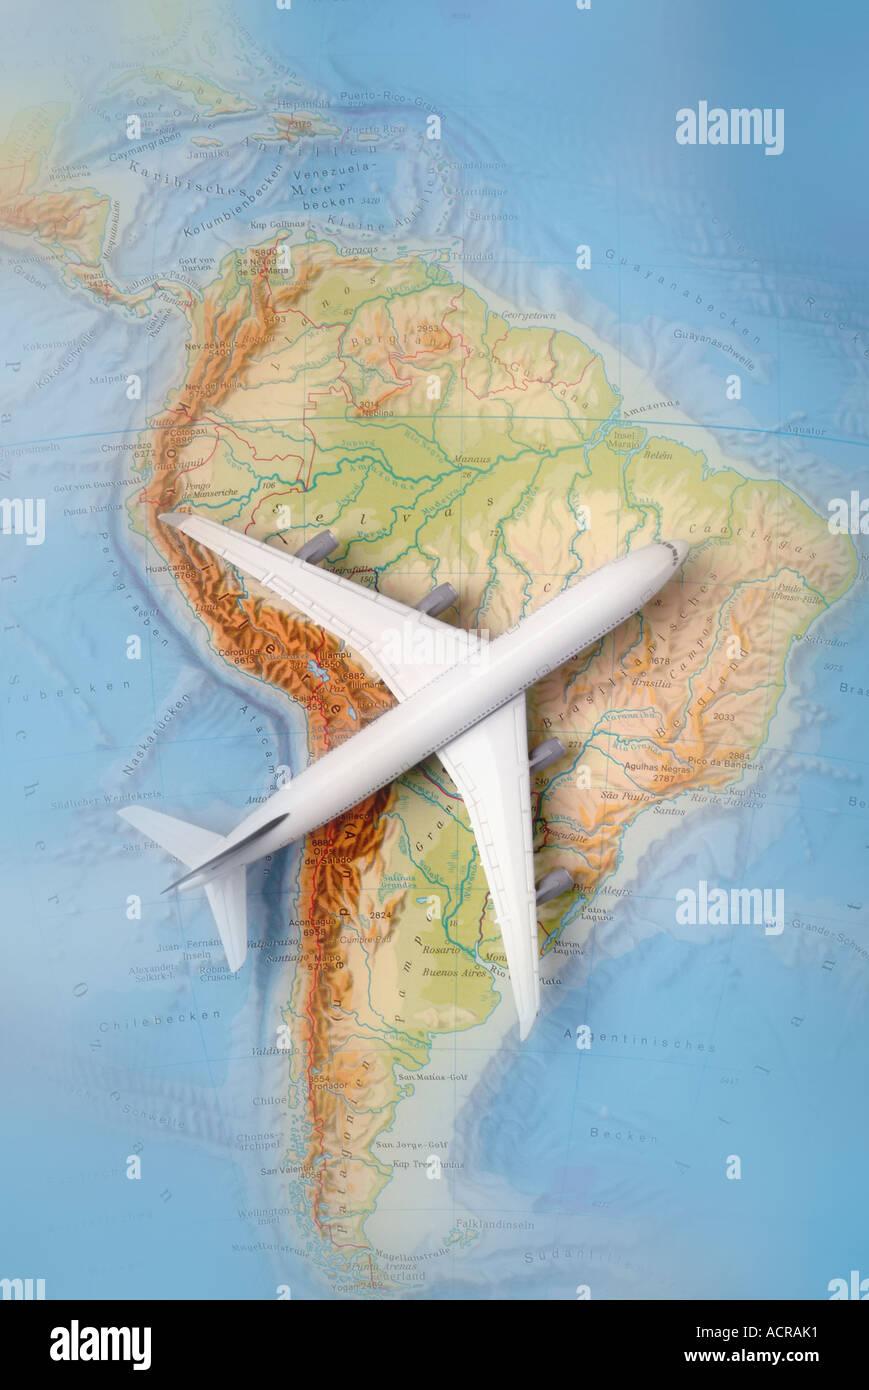 airplane on a map of south america Flugzeug auf einer Karte von Südamerika - Stock Image